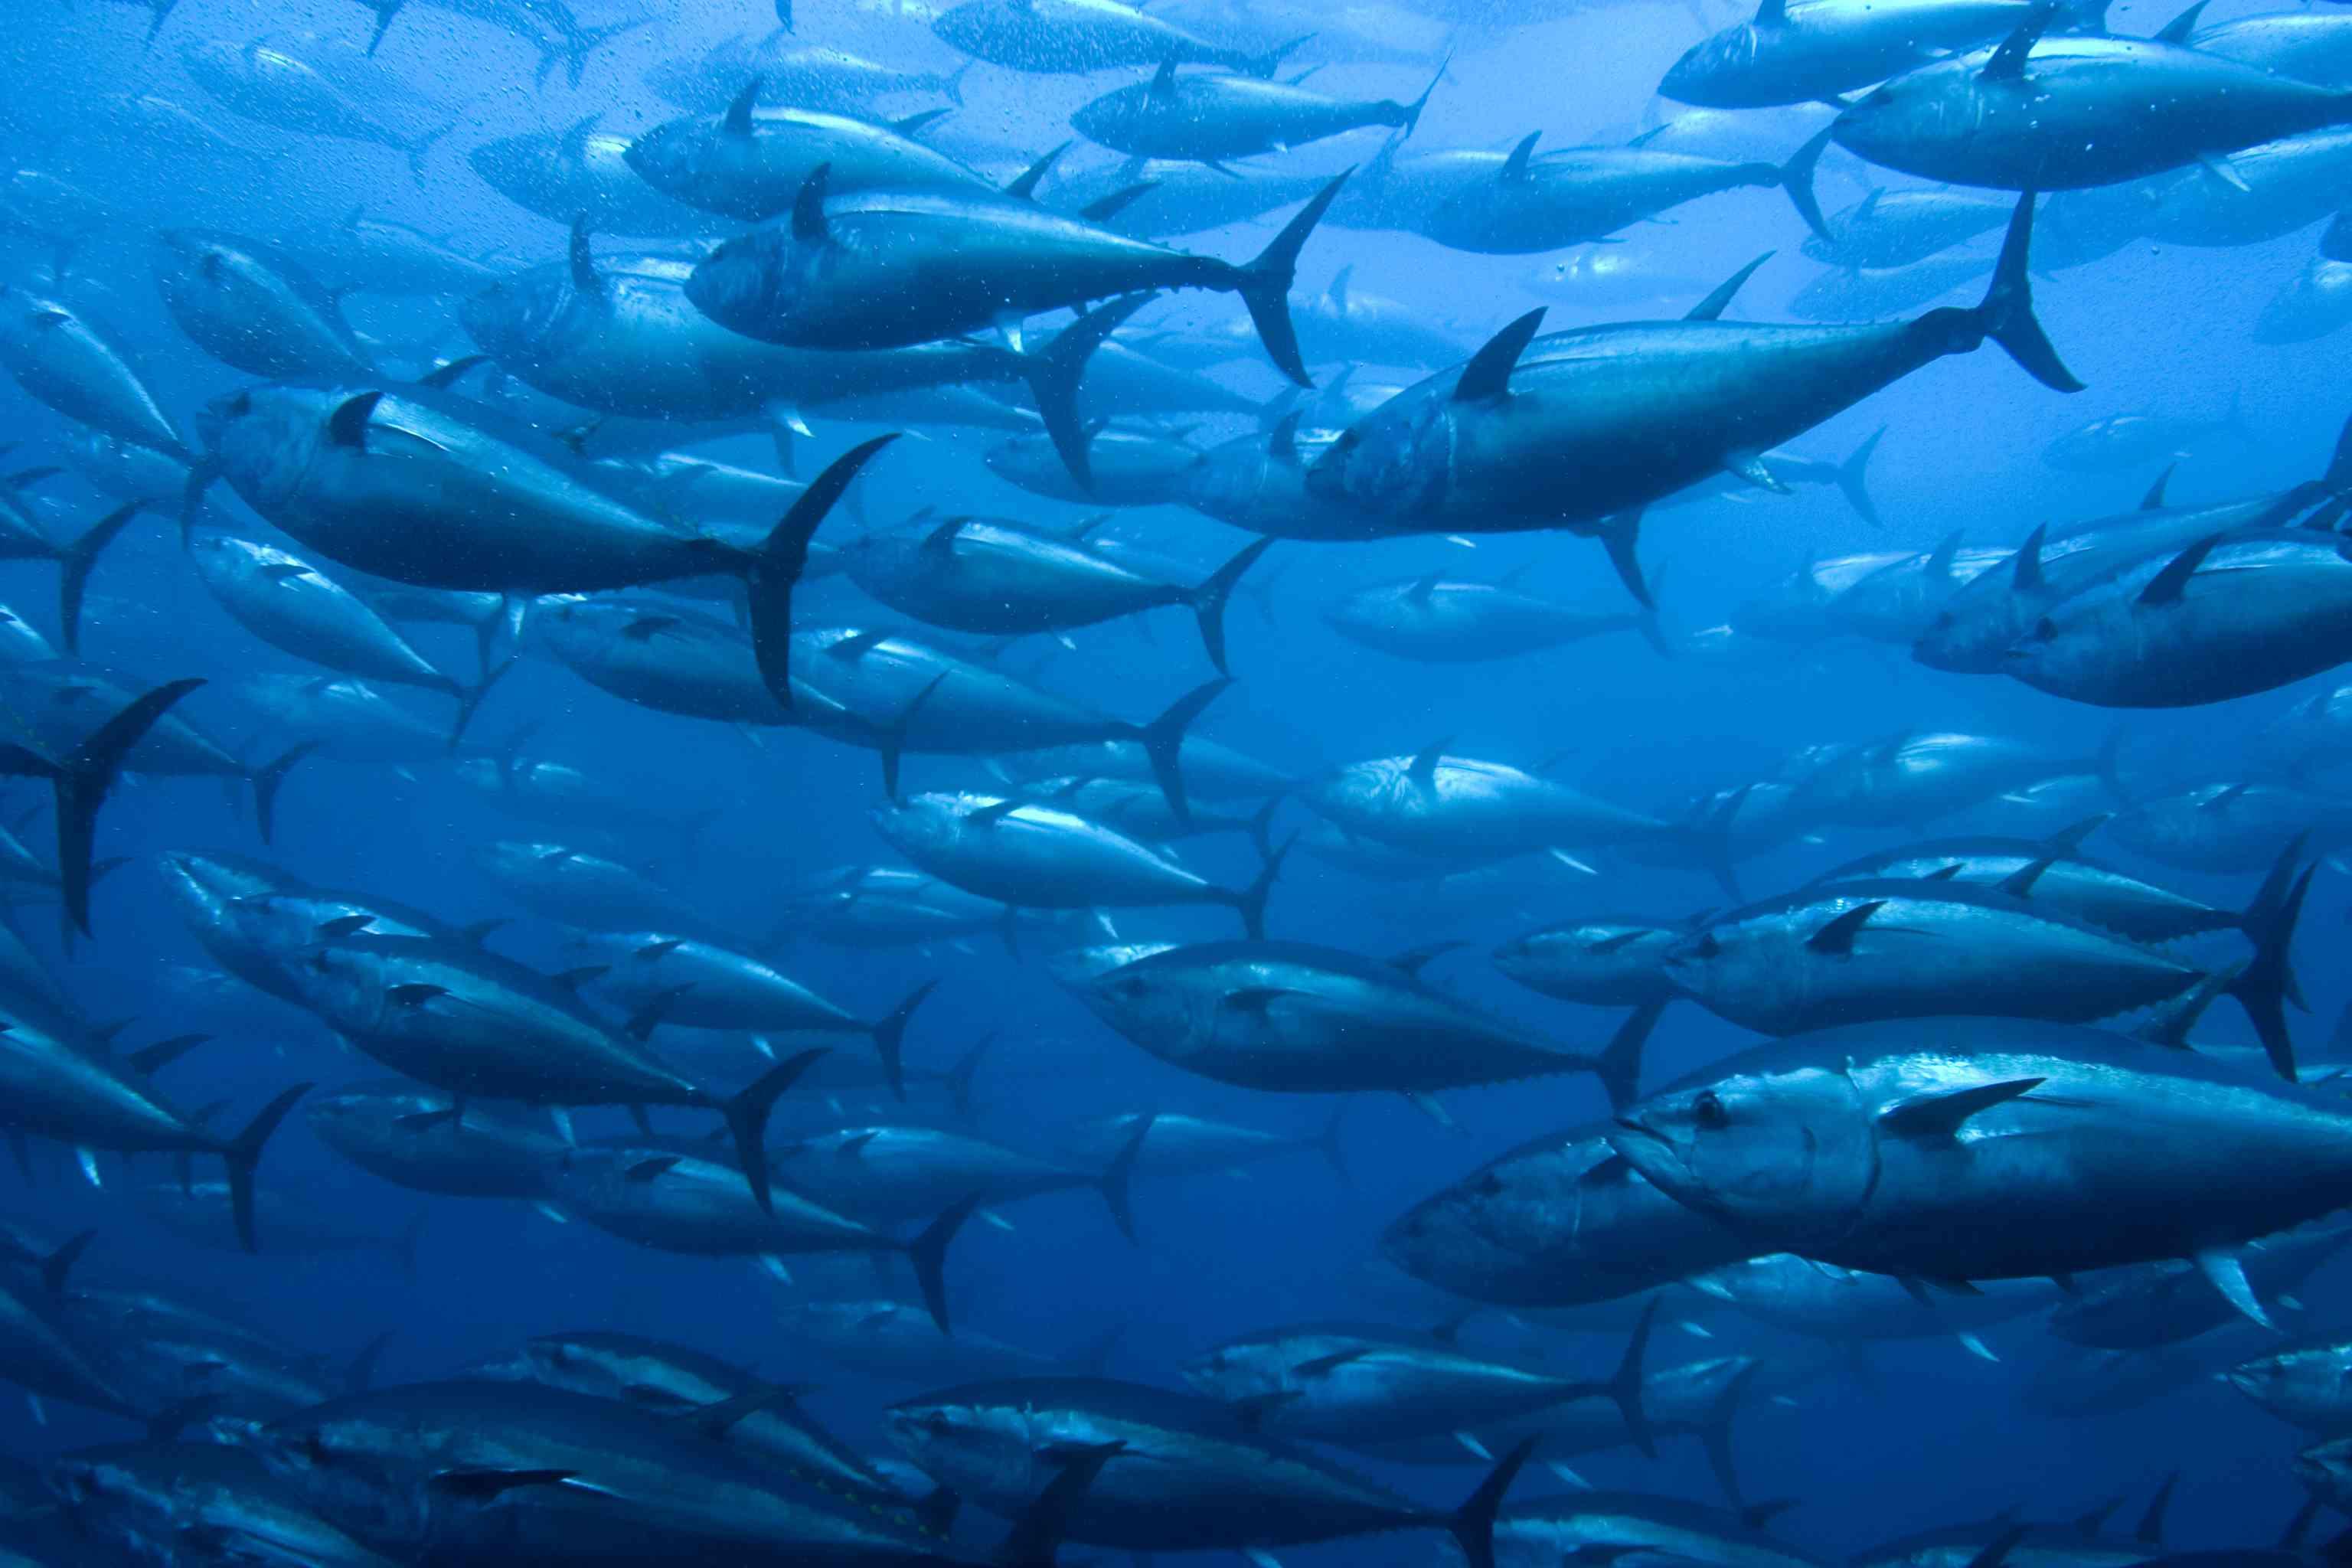 Bluefin Tuna swimming in a net.